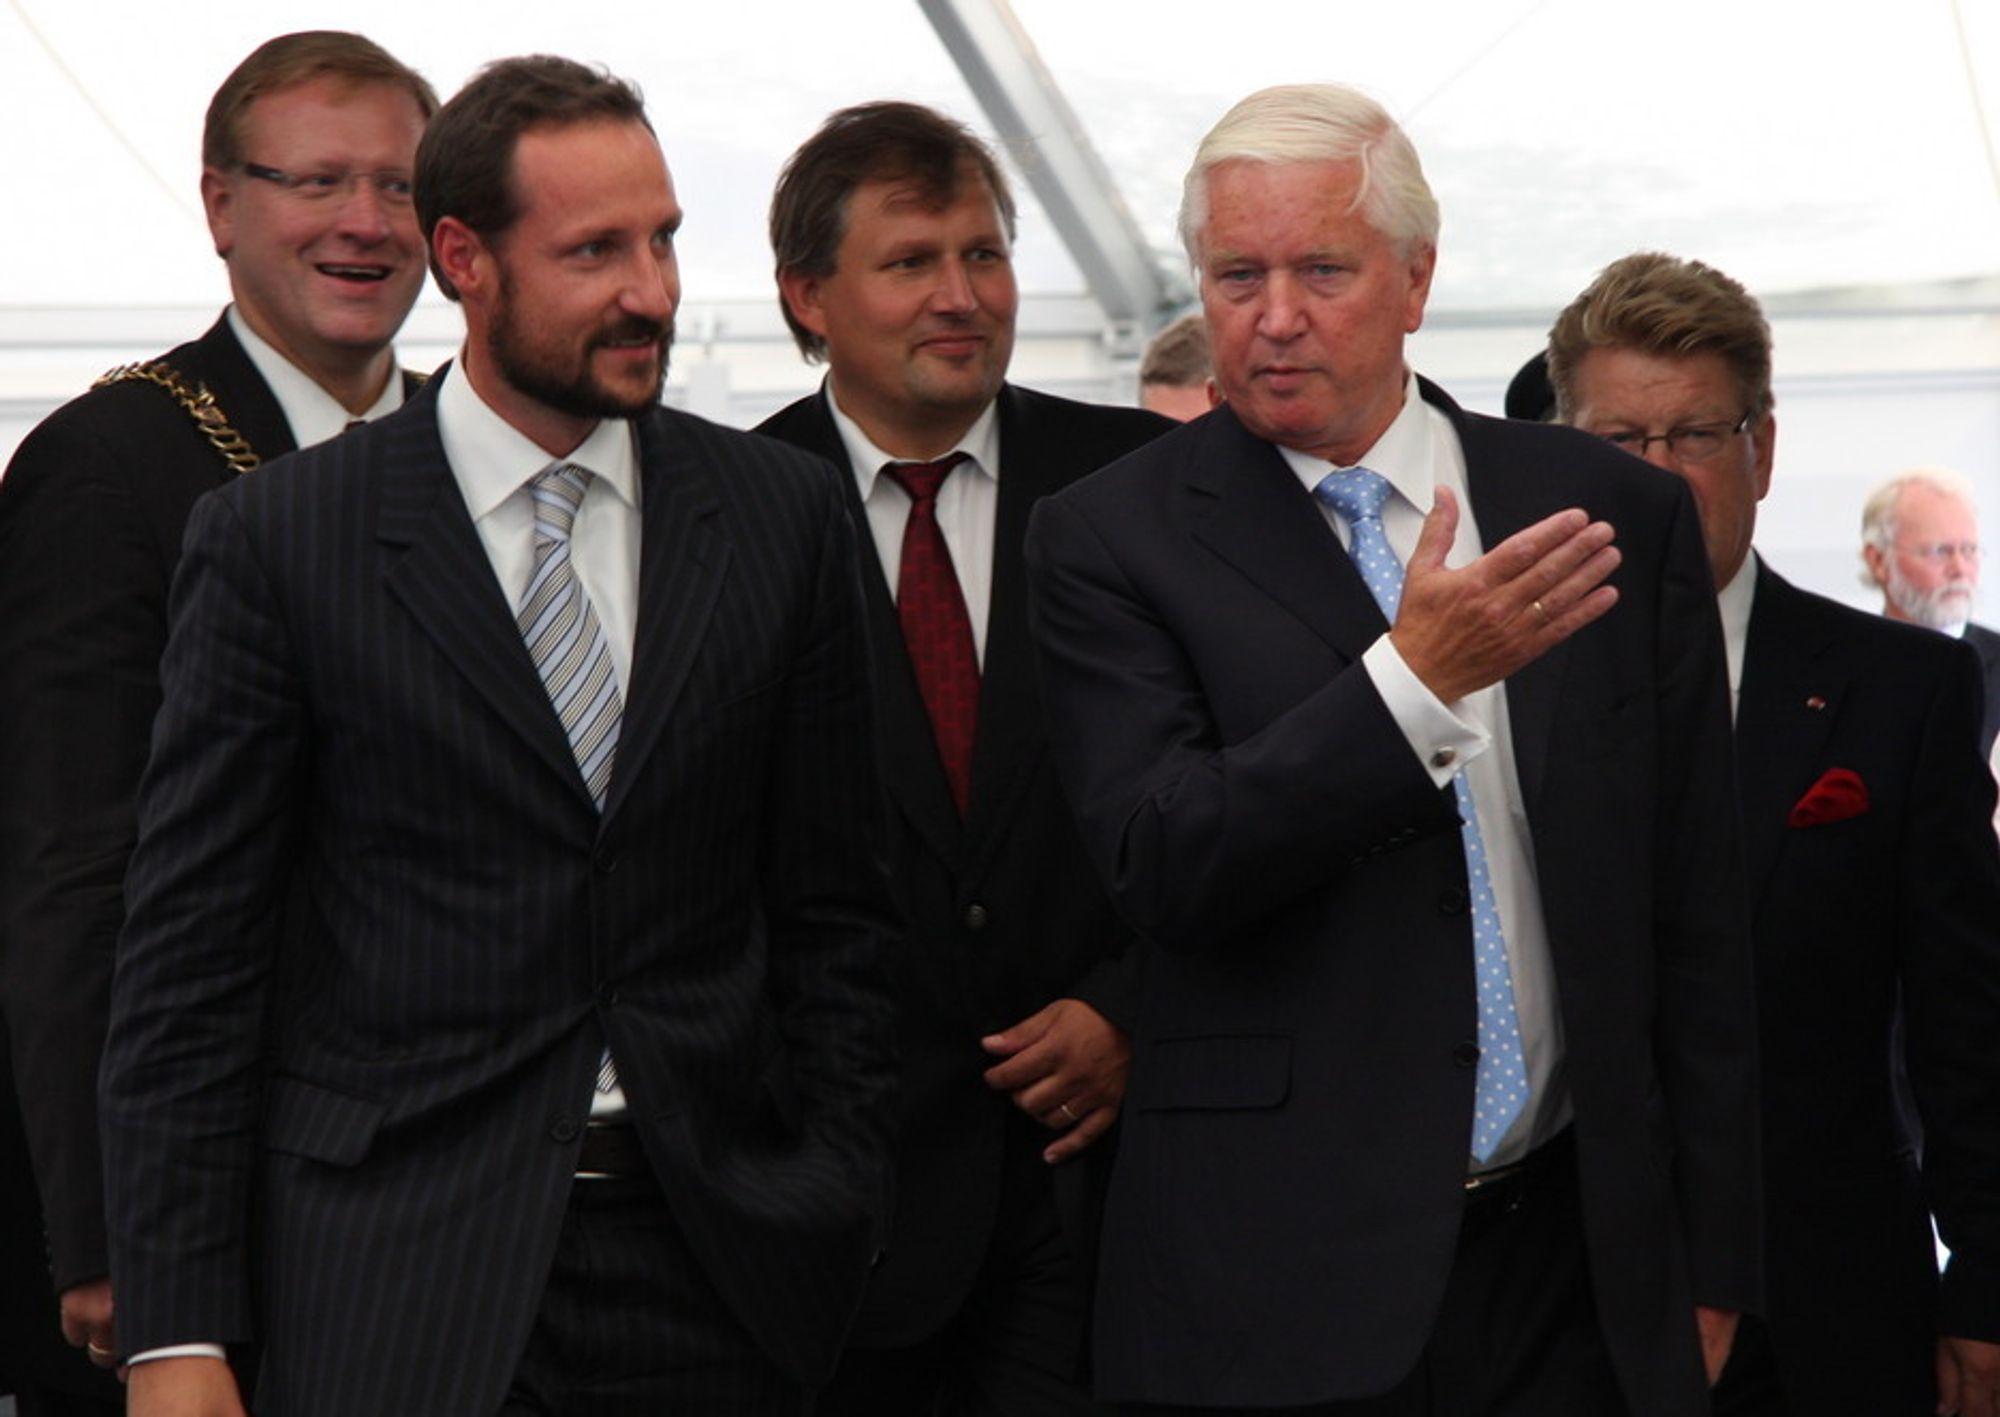 Kronprinsen ankommer ONS. Her blir han møtt av ONS-general Kjell Ursin-Smith (t.h). Bak står Stavangers ordfører Leif Johan Sevland (t.v) og olje- og energiminister Terje Riis-Johansen.